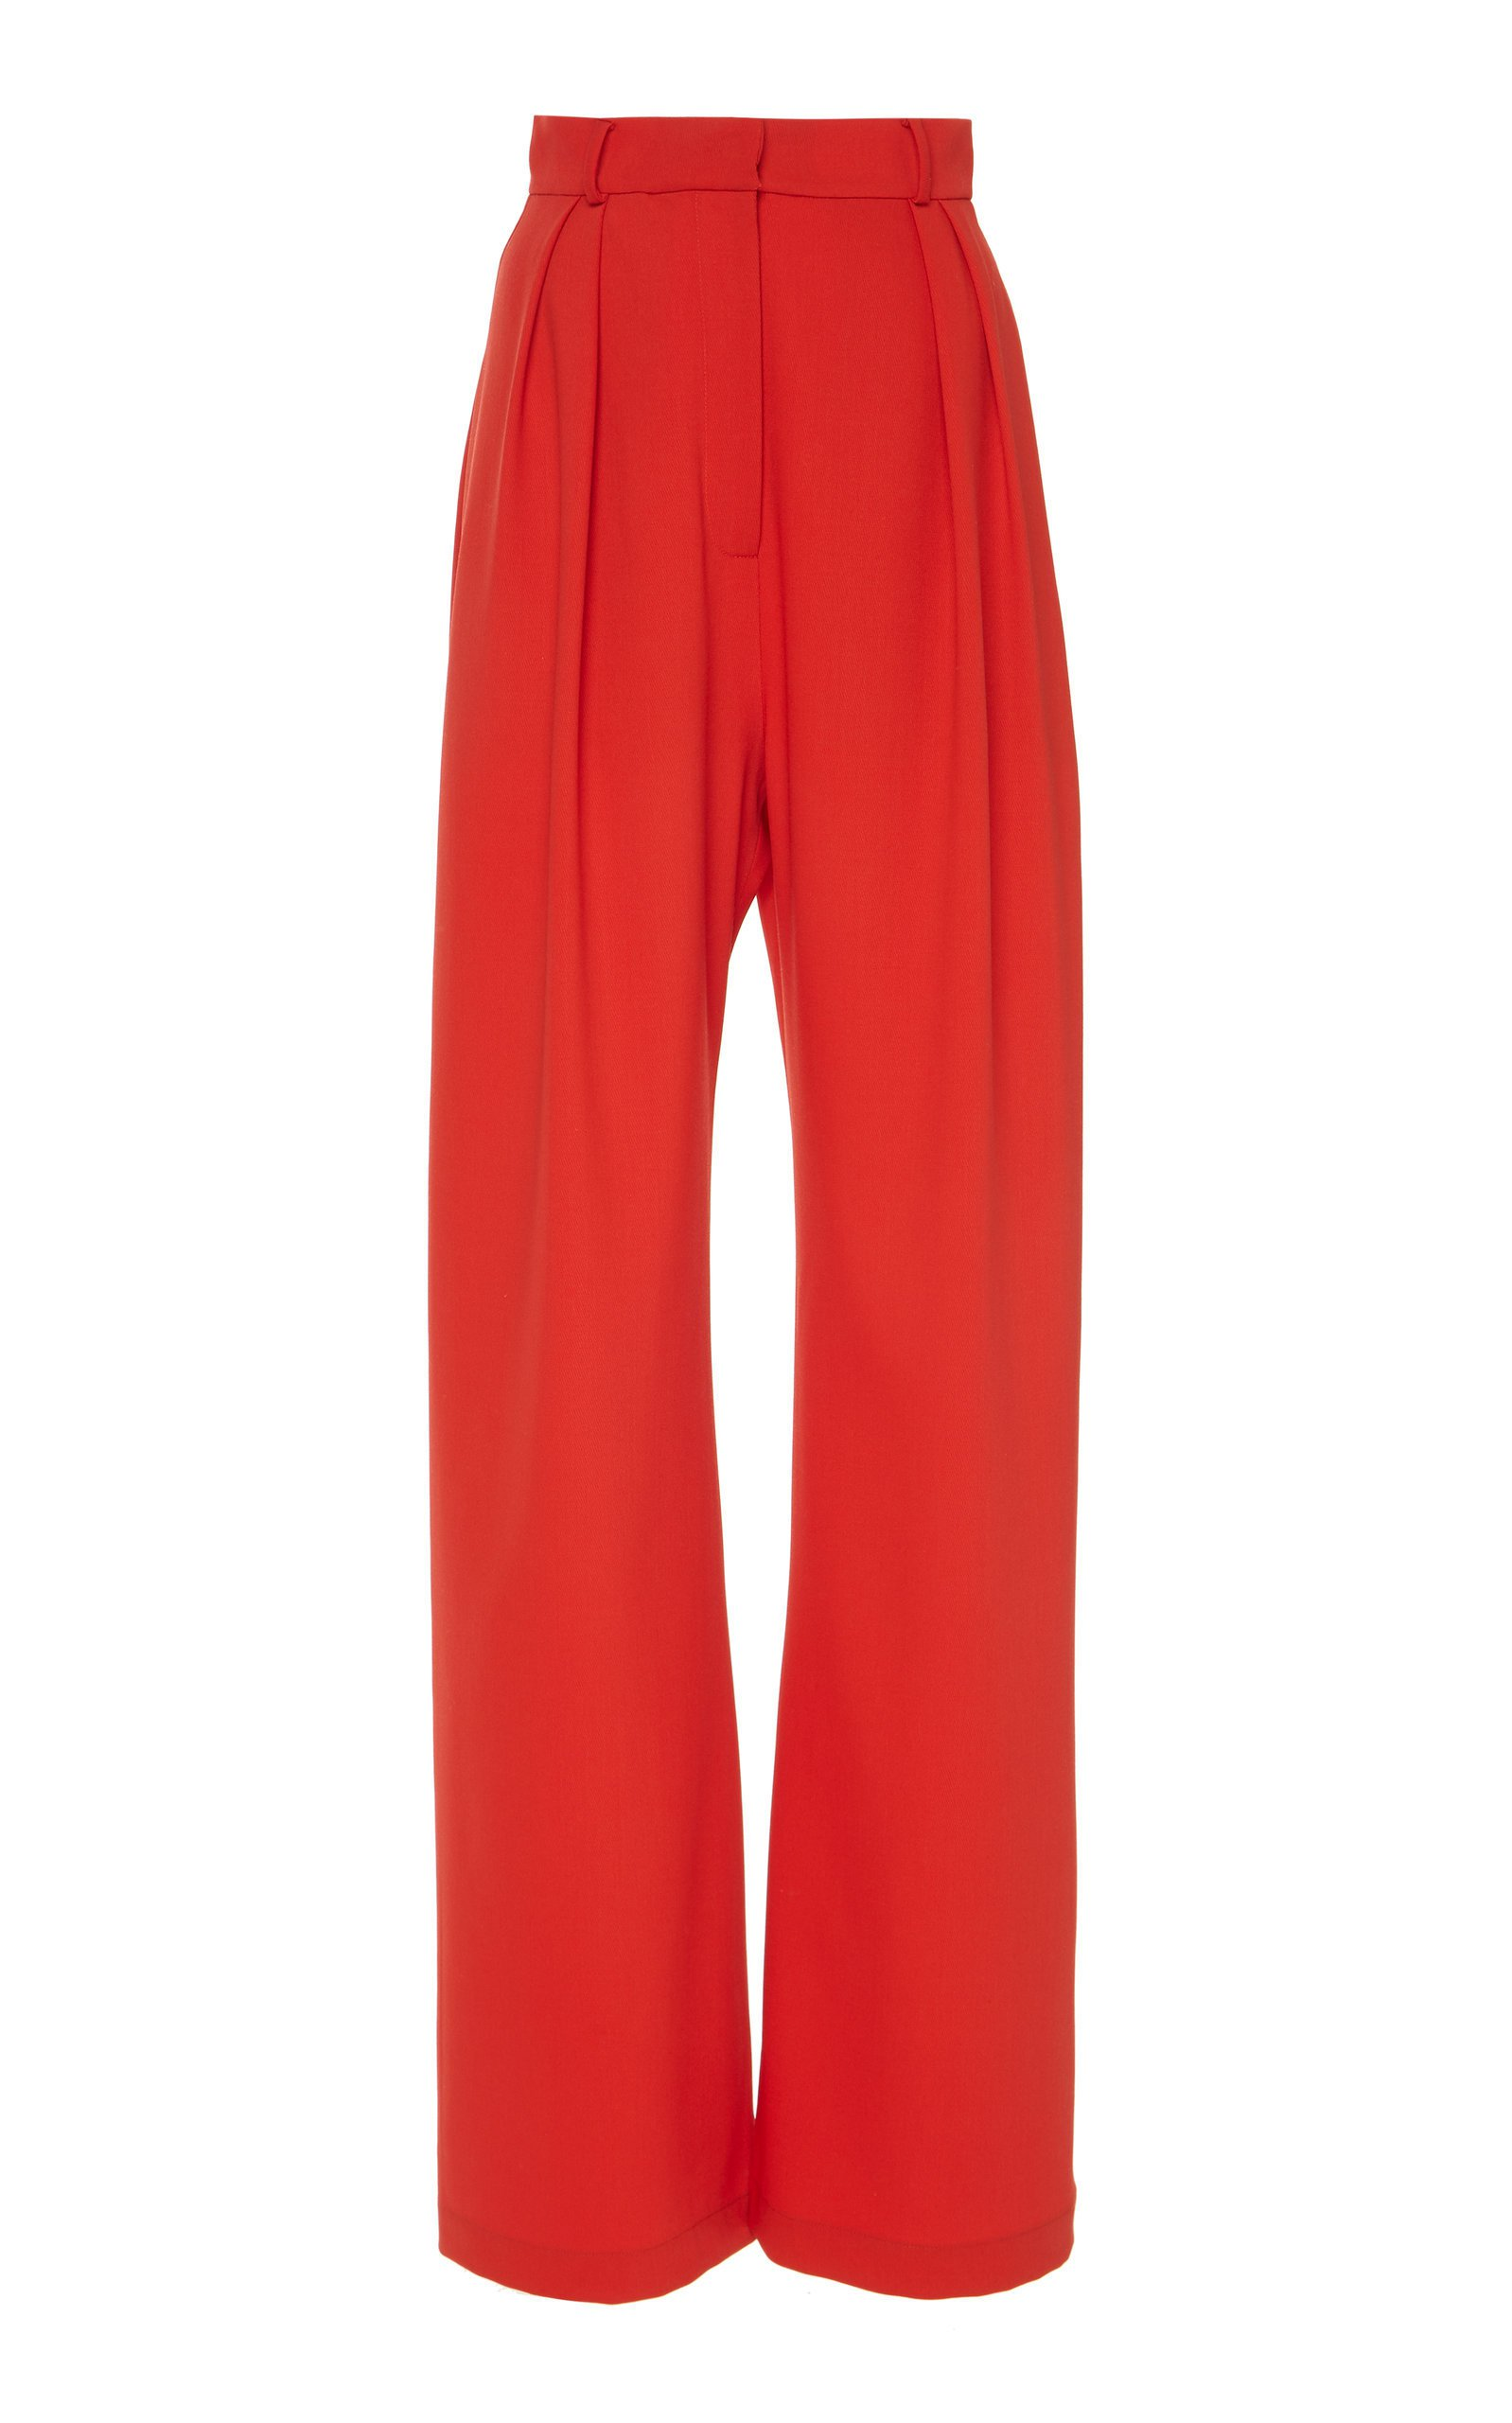 MATÉRIEL Wide Leg Wool-Blend High Waisted Pants